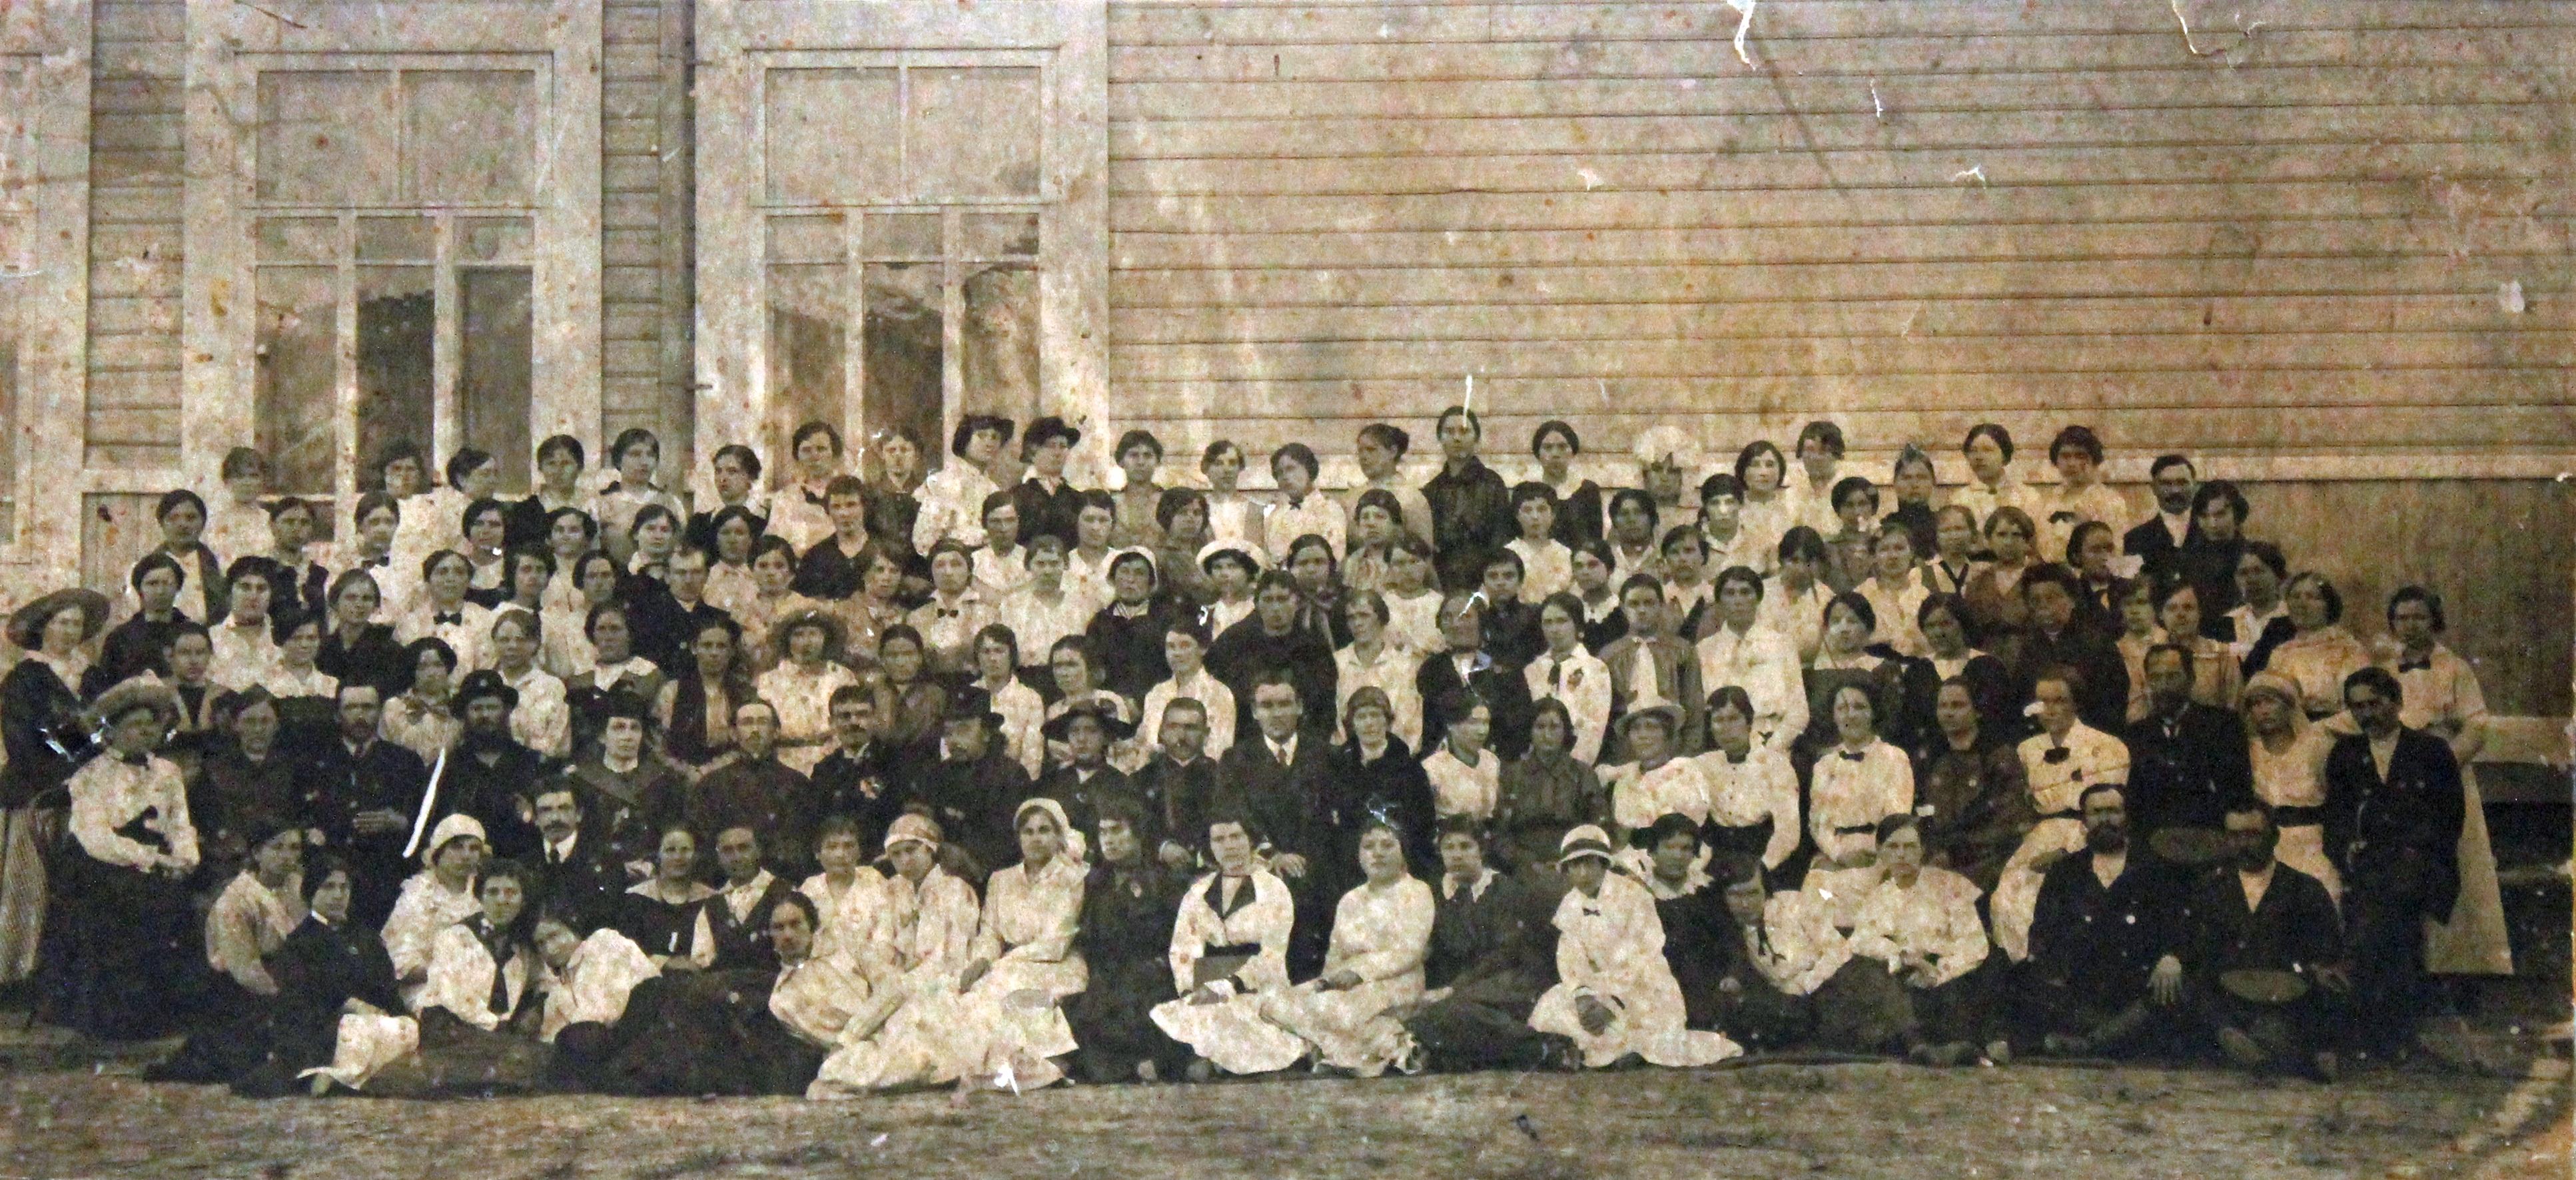 1917. Участники учительского совещания Тарского уезда на фоне гимназии